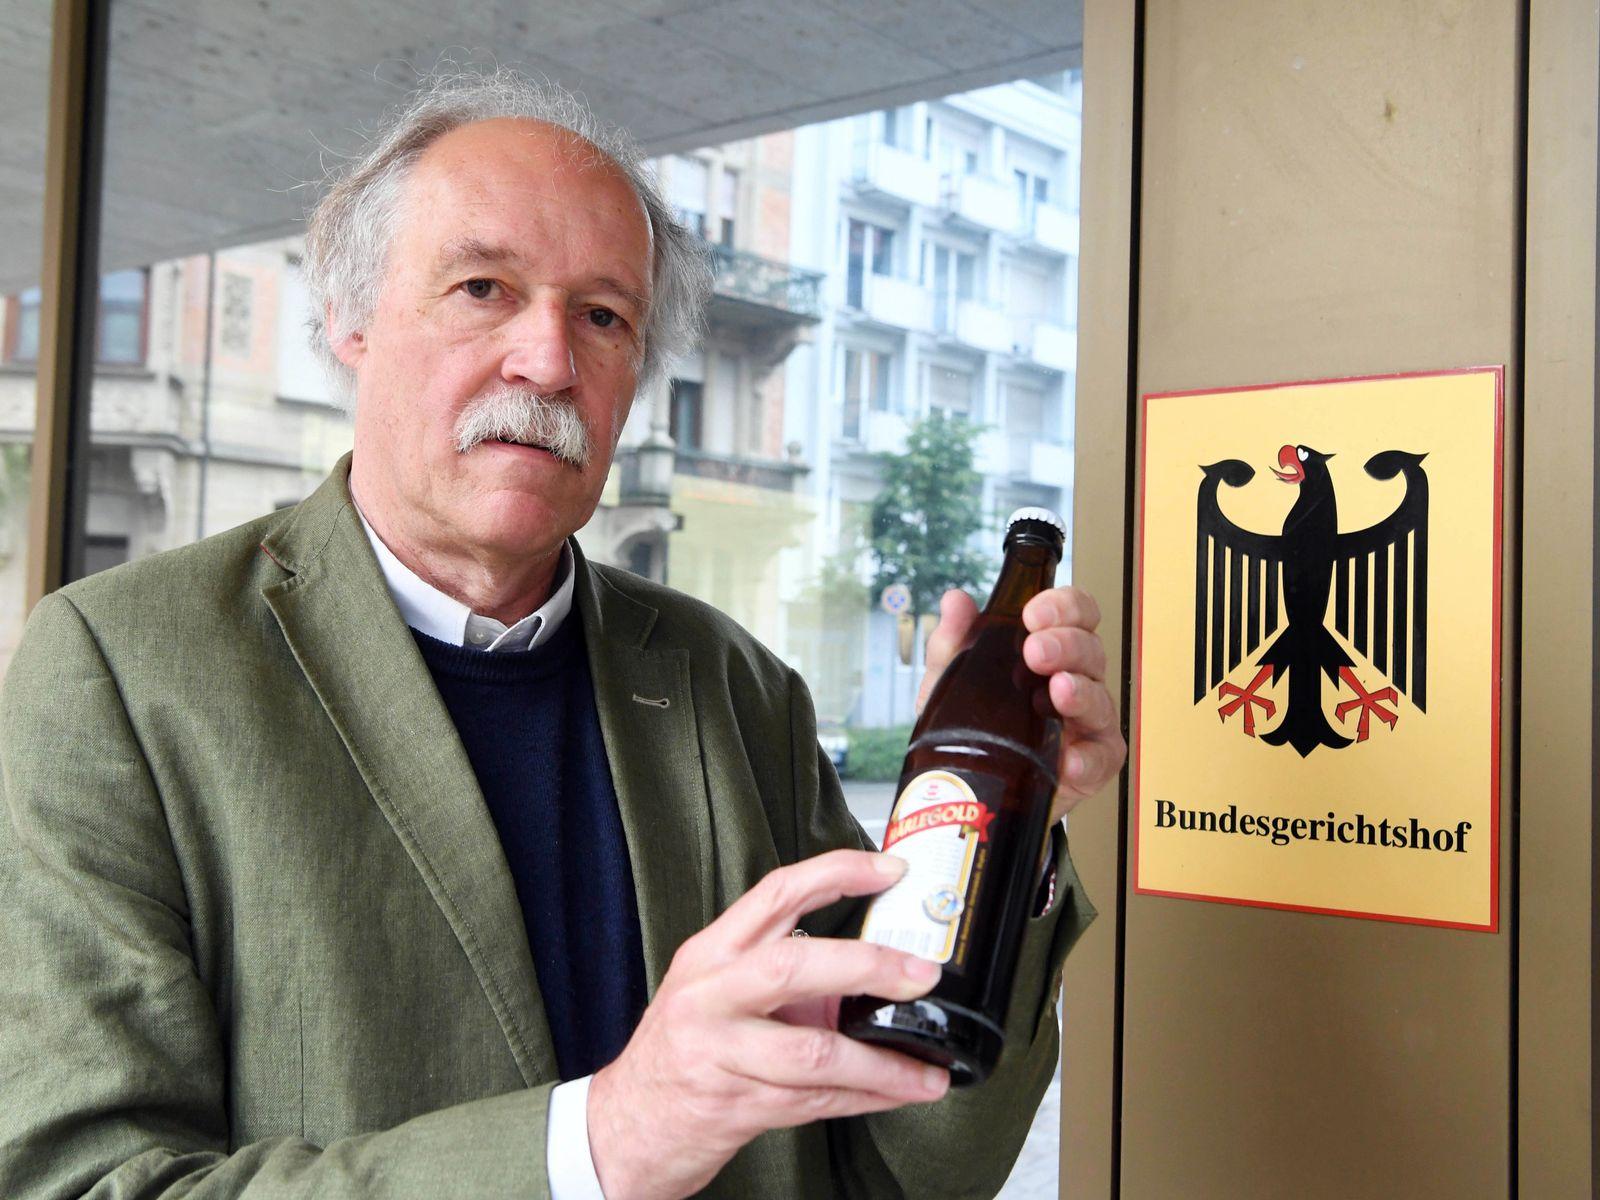 Bundesgerichtshof/ Bierwerbung/ Gottfried Härle